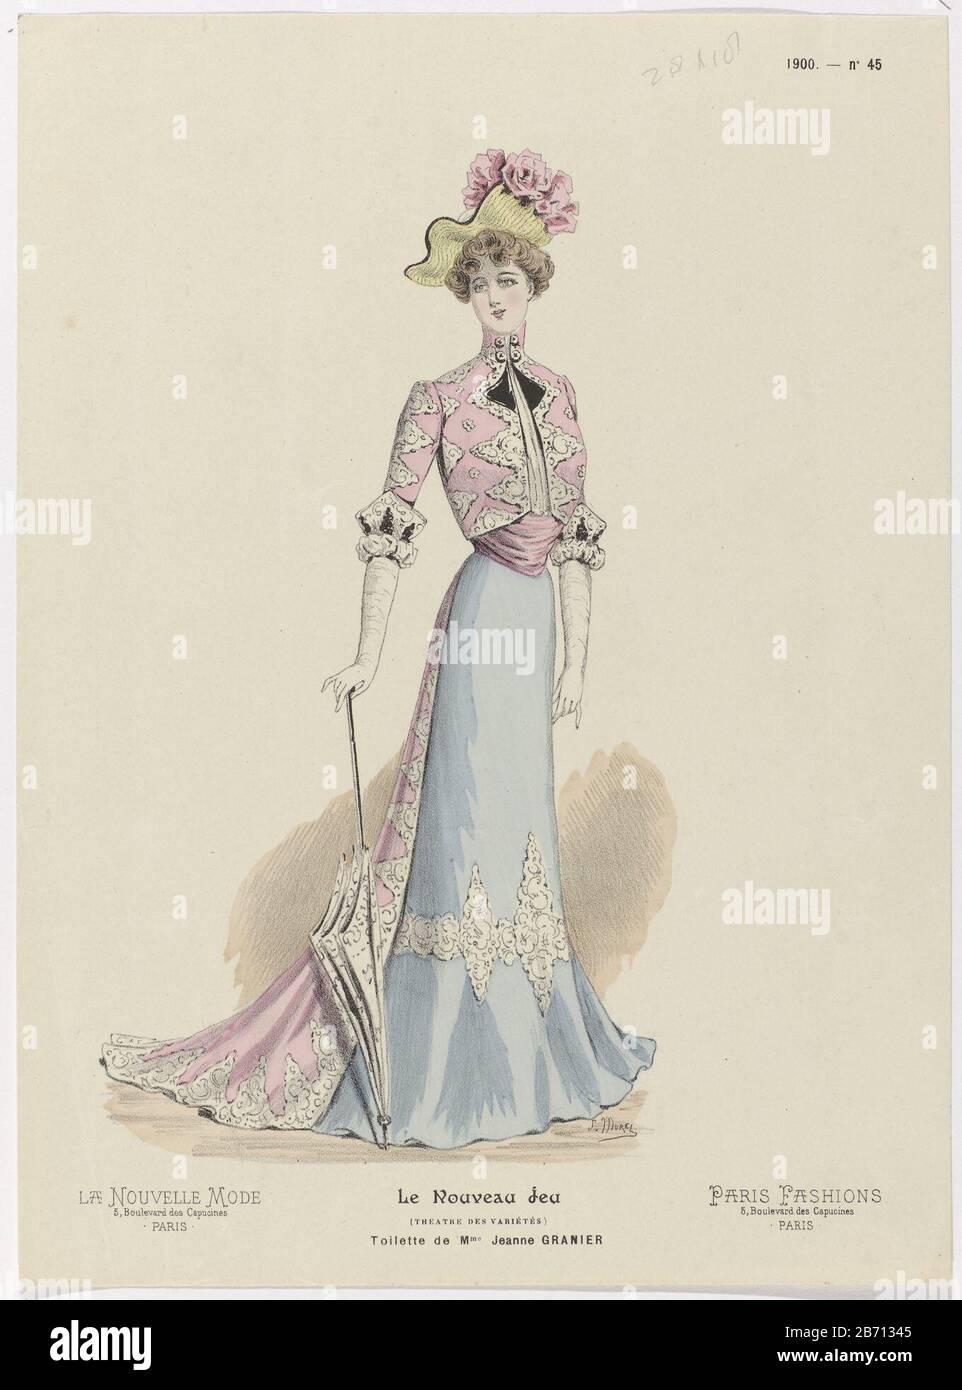 La Nouvelle Mode Le Nouveau Jeu Paris Fashions 1900 No 45 Toilette De Mme Jeanne Granier